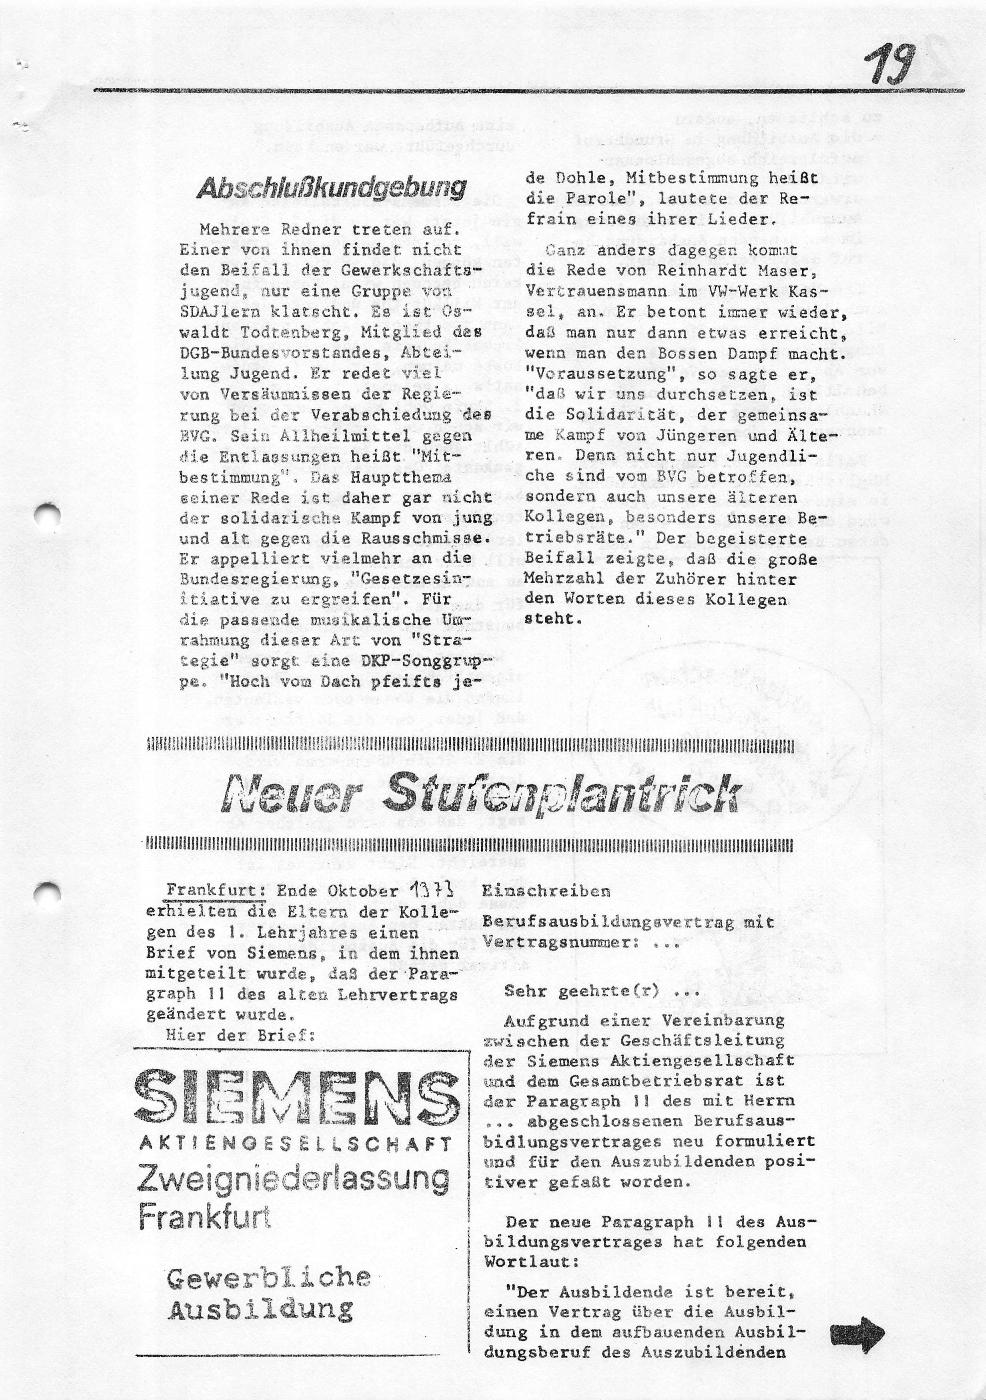 KABRW_Arbeitshefte_1977_25_018